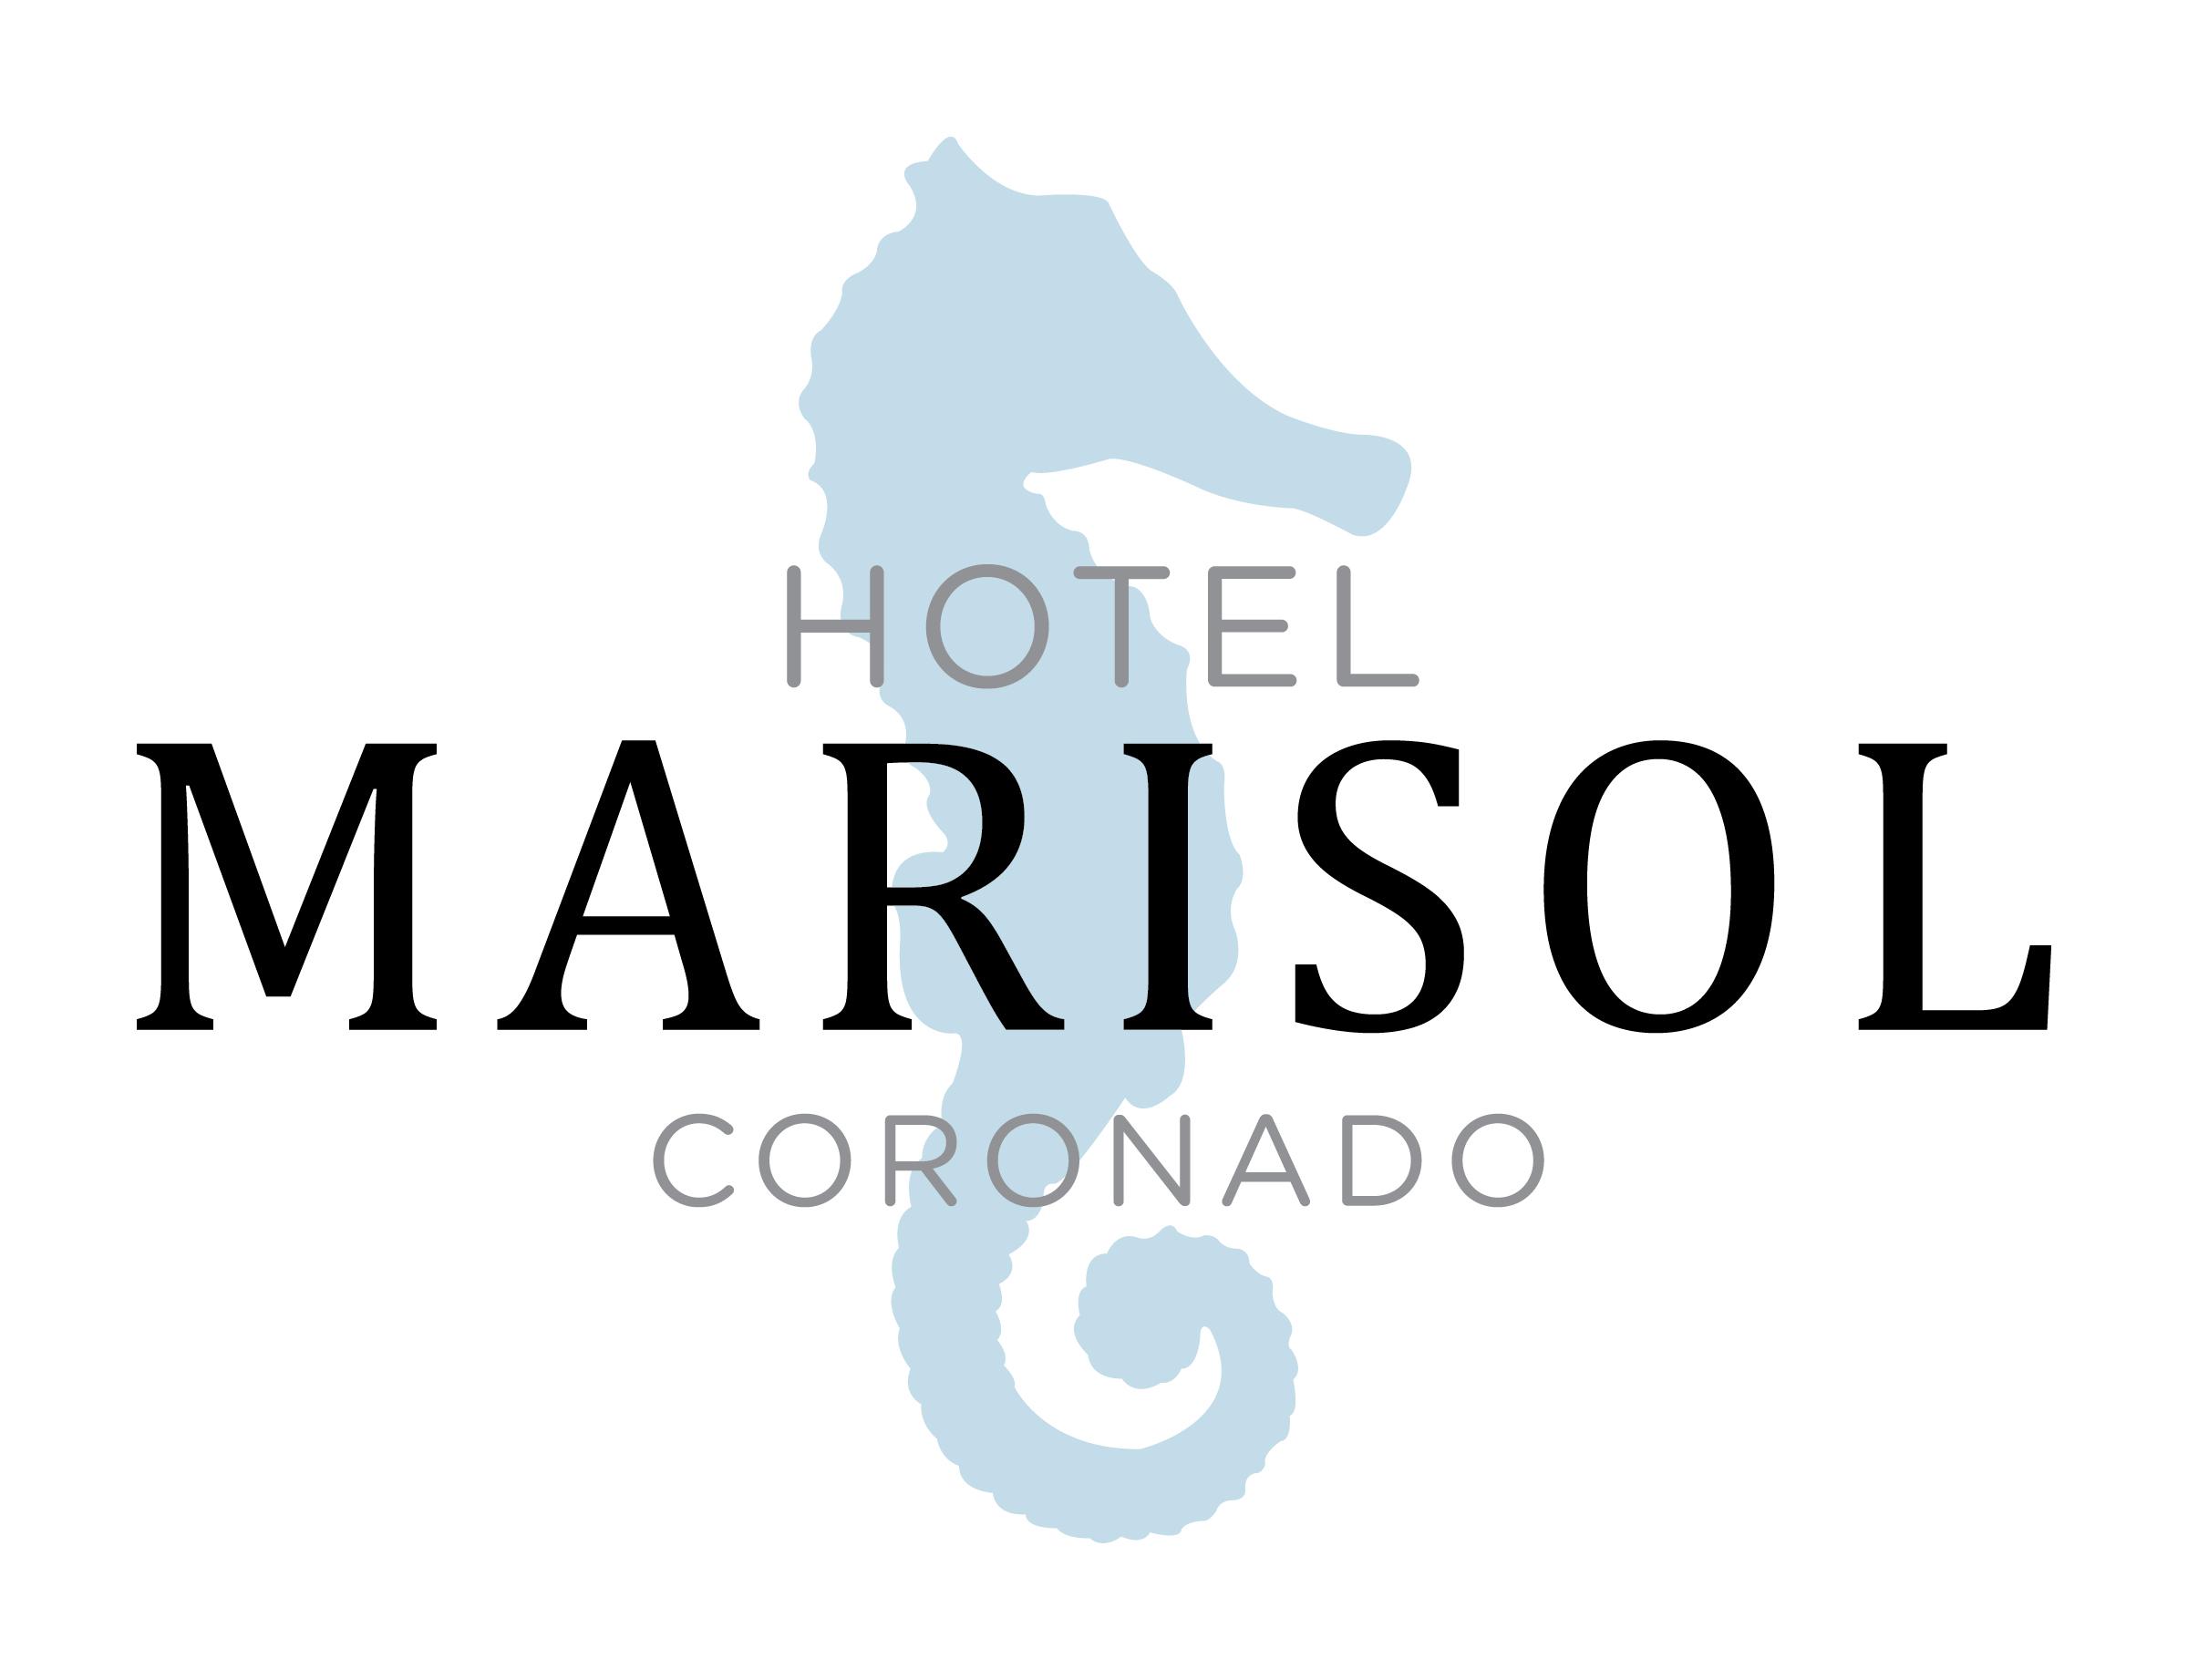 Hotel Marisol Coronado logo